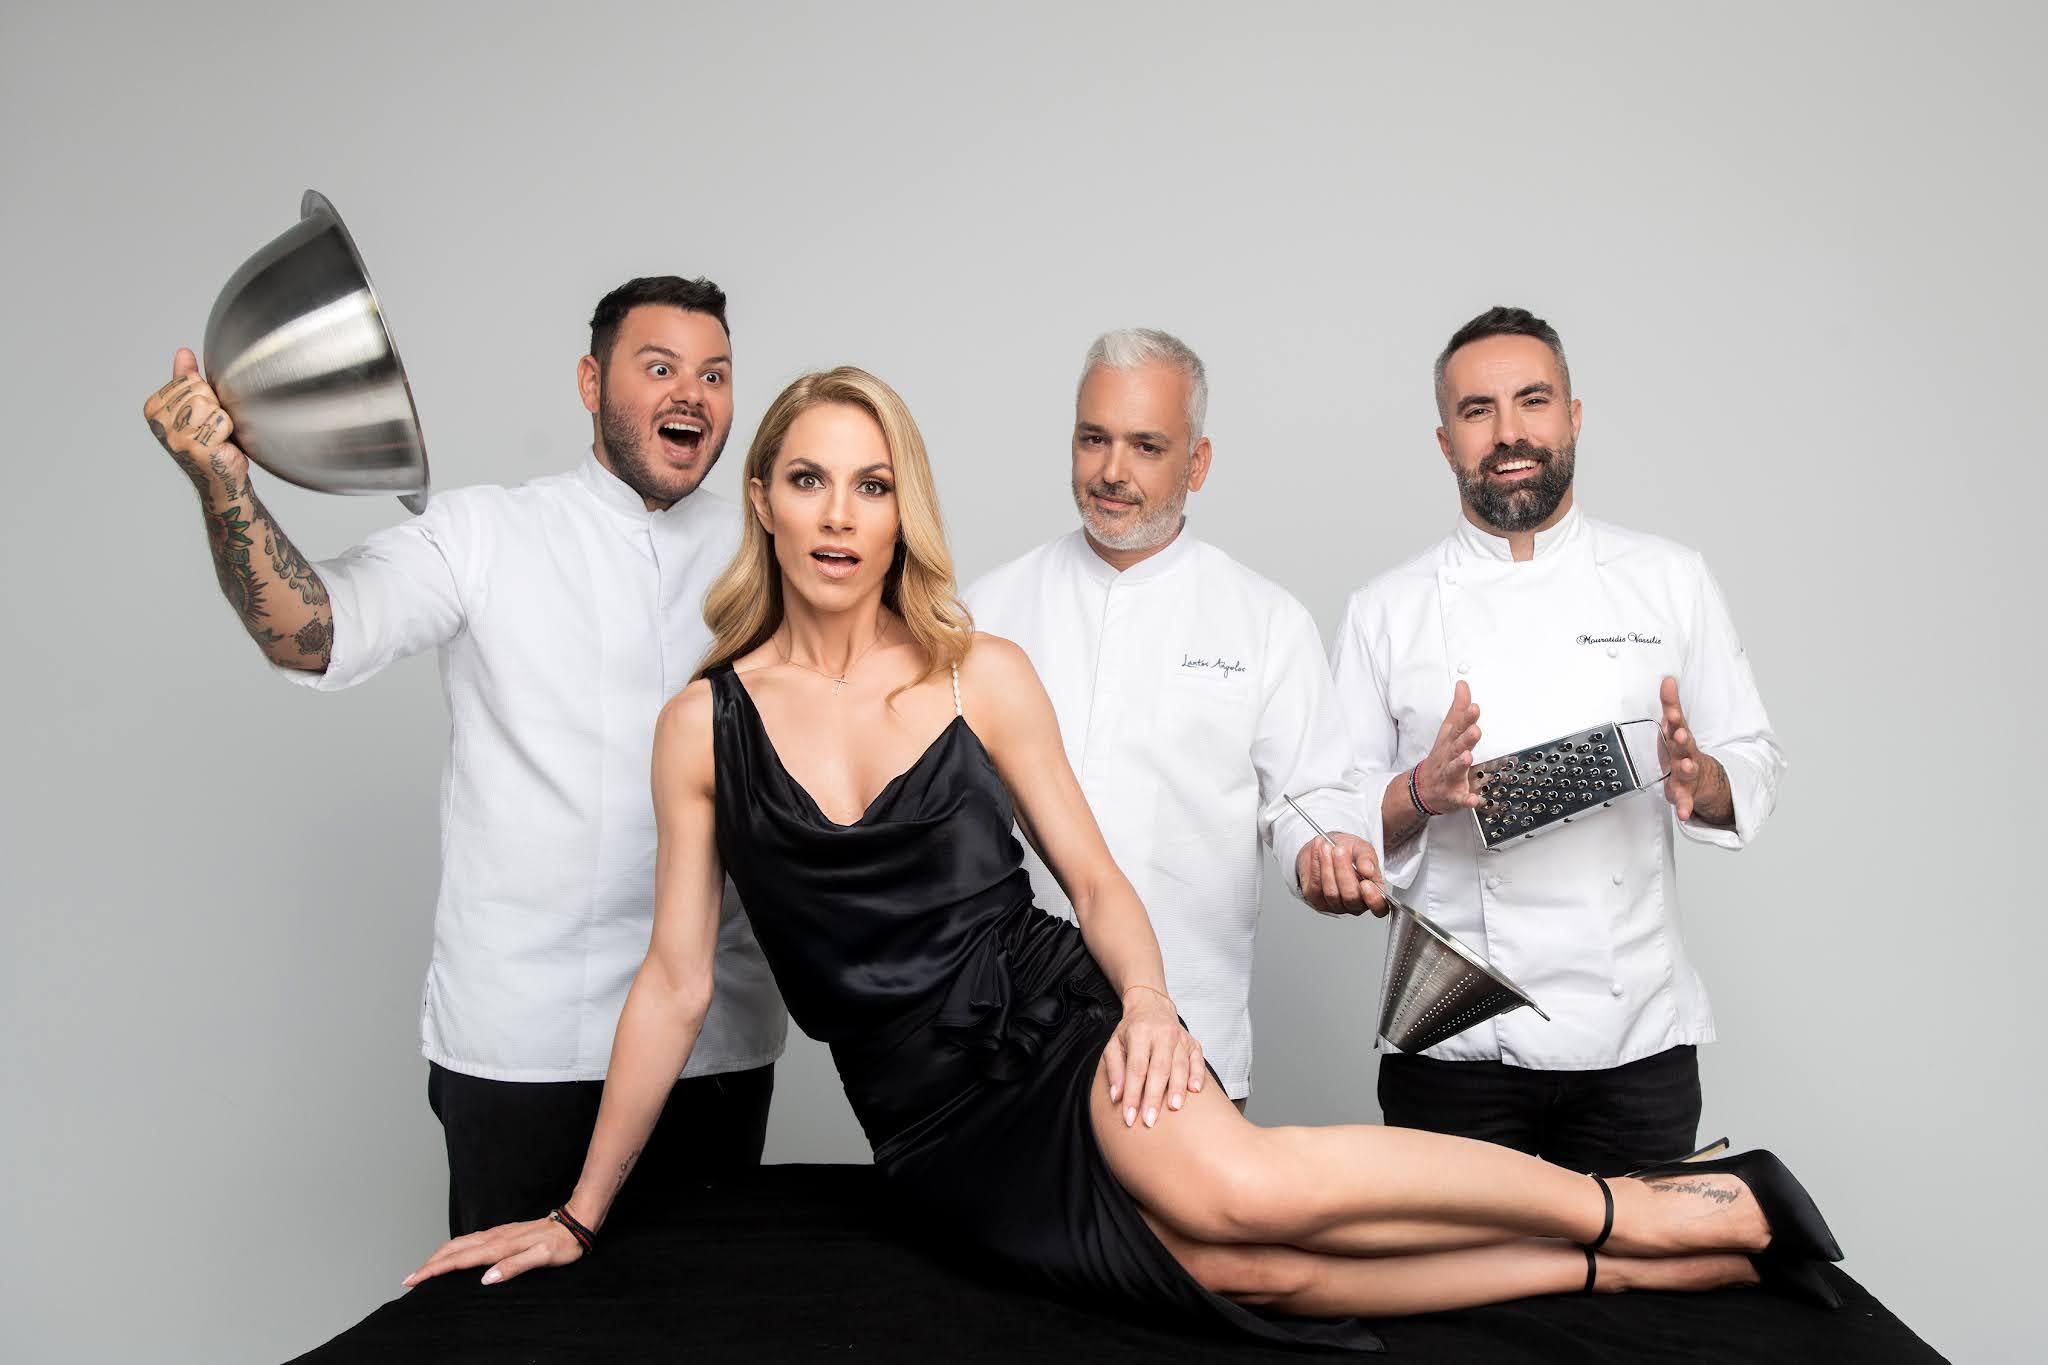 Αυτοί οι παίκτες που θα διαγωνιστούν σήμερα στα Blind Taste Test του «Game Of Chefs» - Φωτογραφία 1